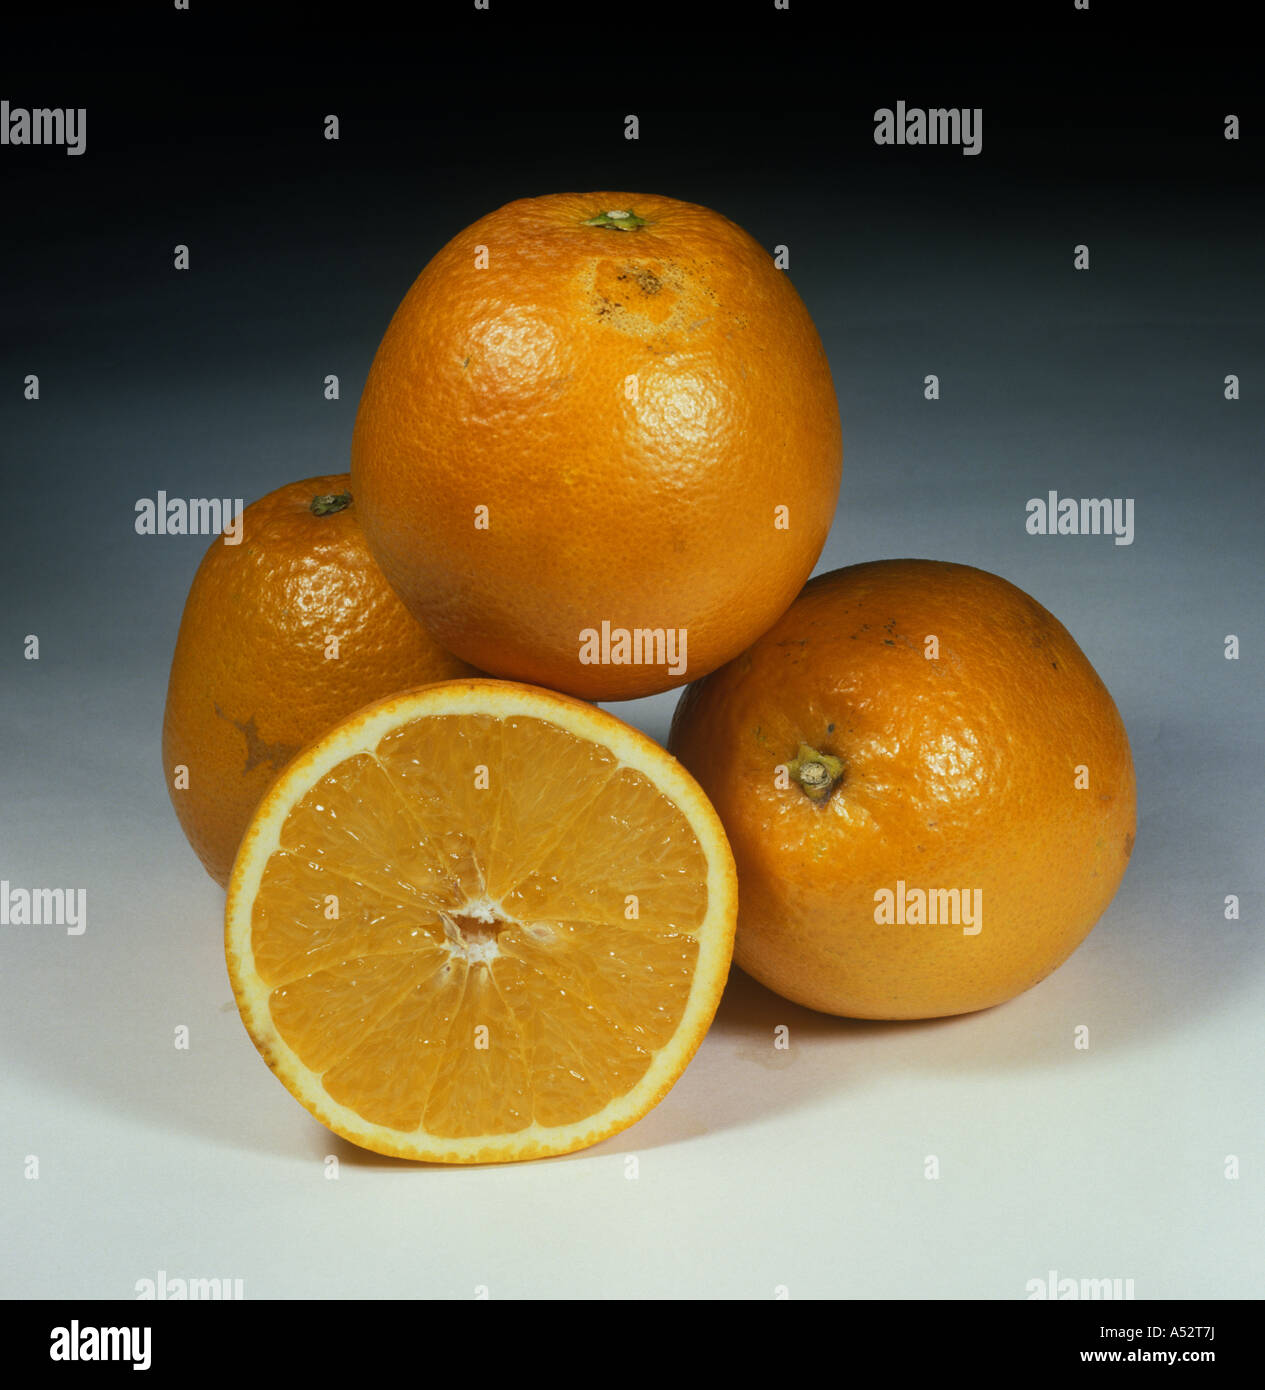 Whole sectioned citrus fruit orange variety Pera - Stock Image